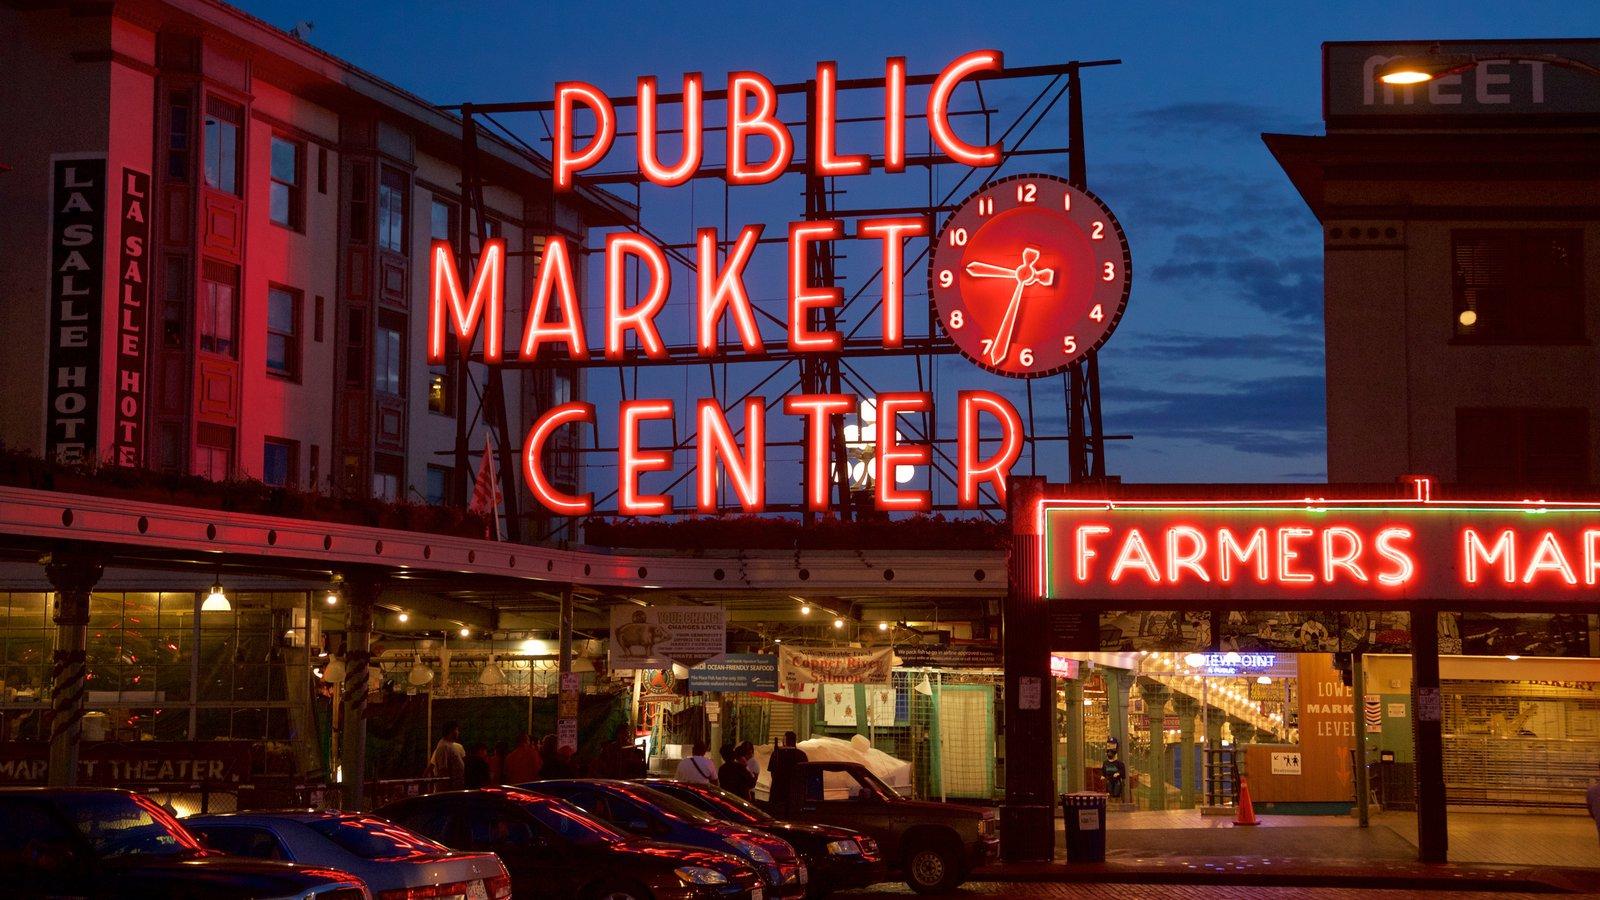 Pike Place Market que inclui cenas noturnas, uma cidade e sinalização